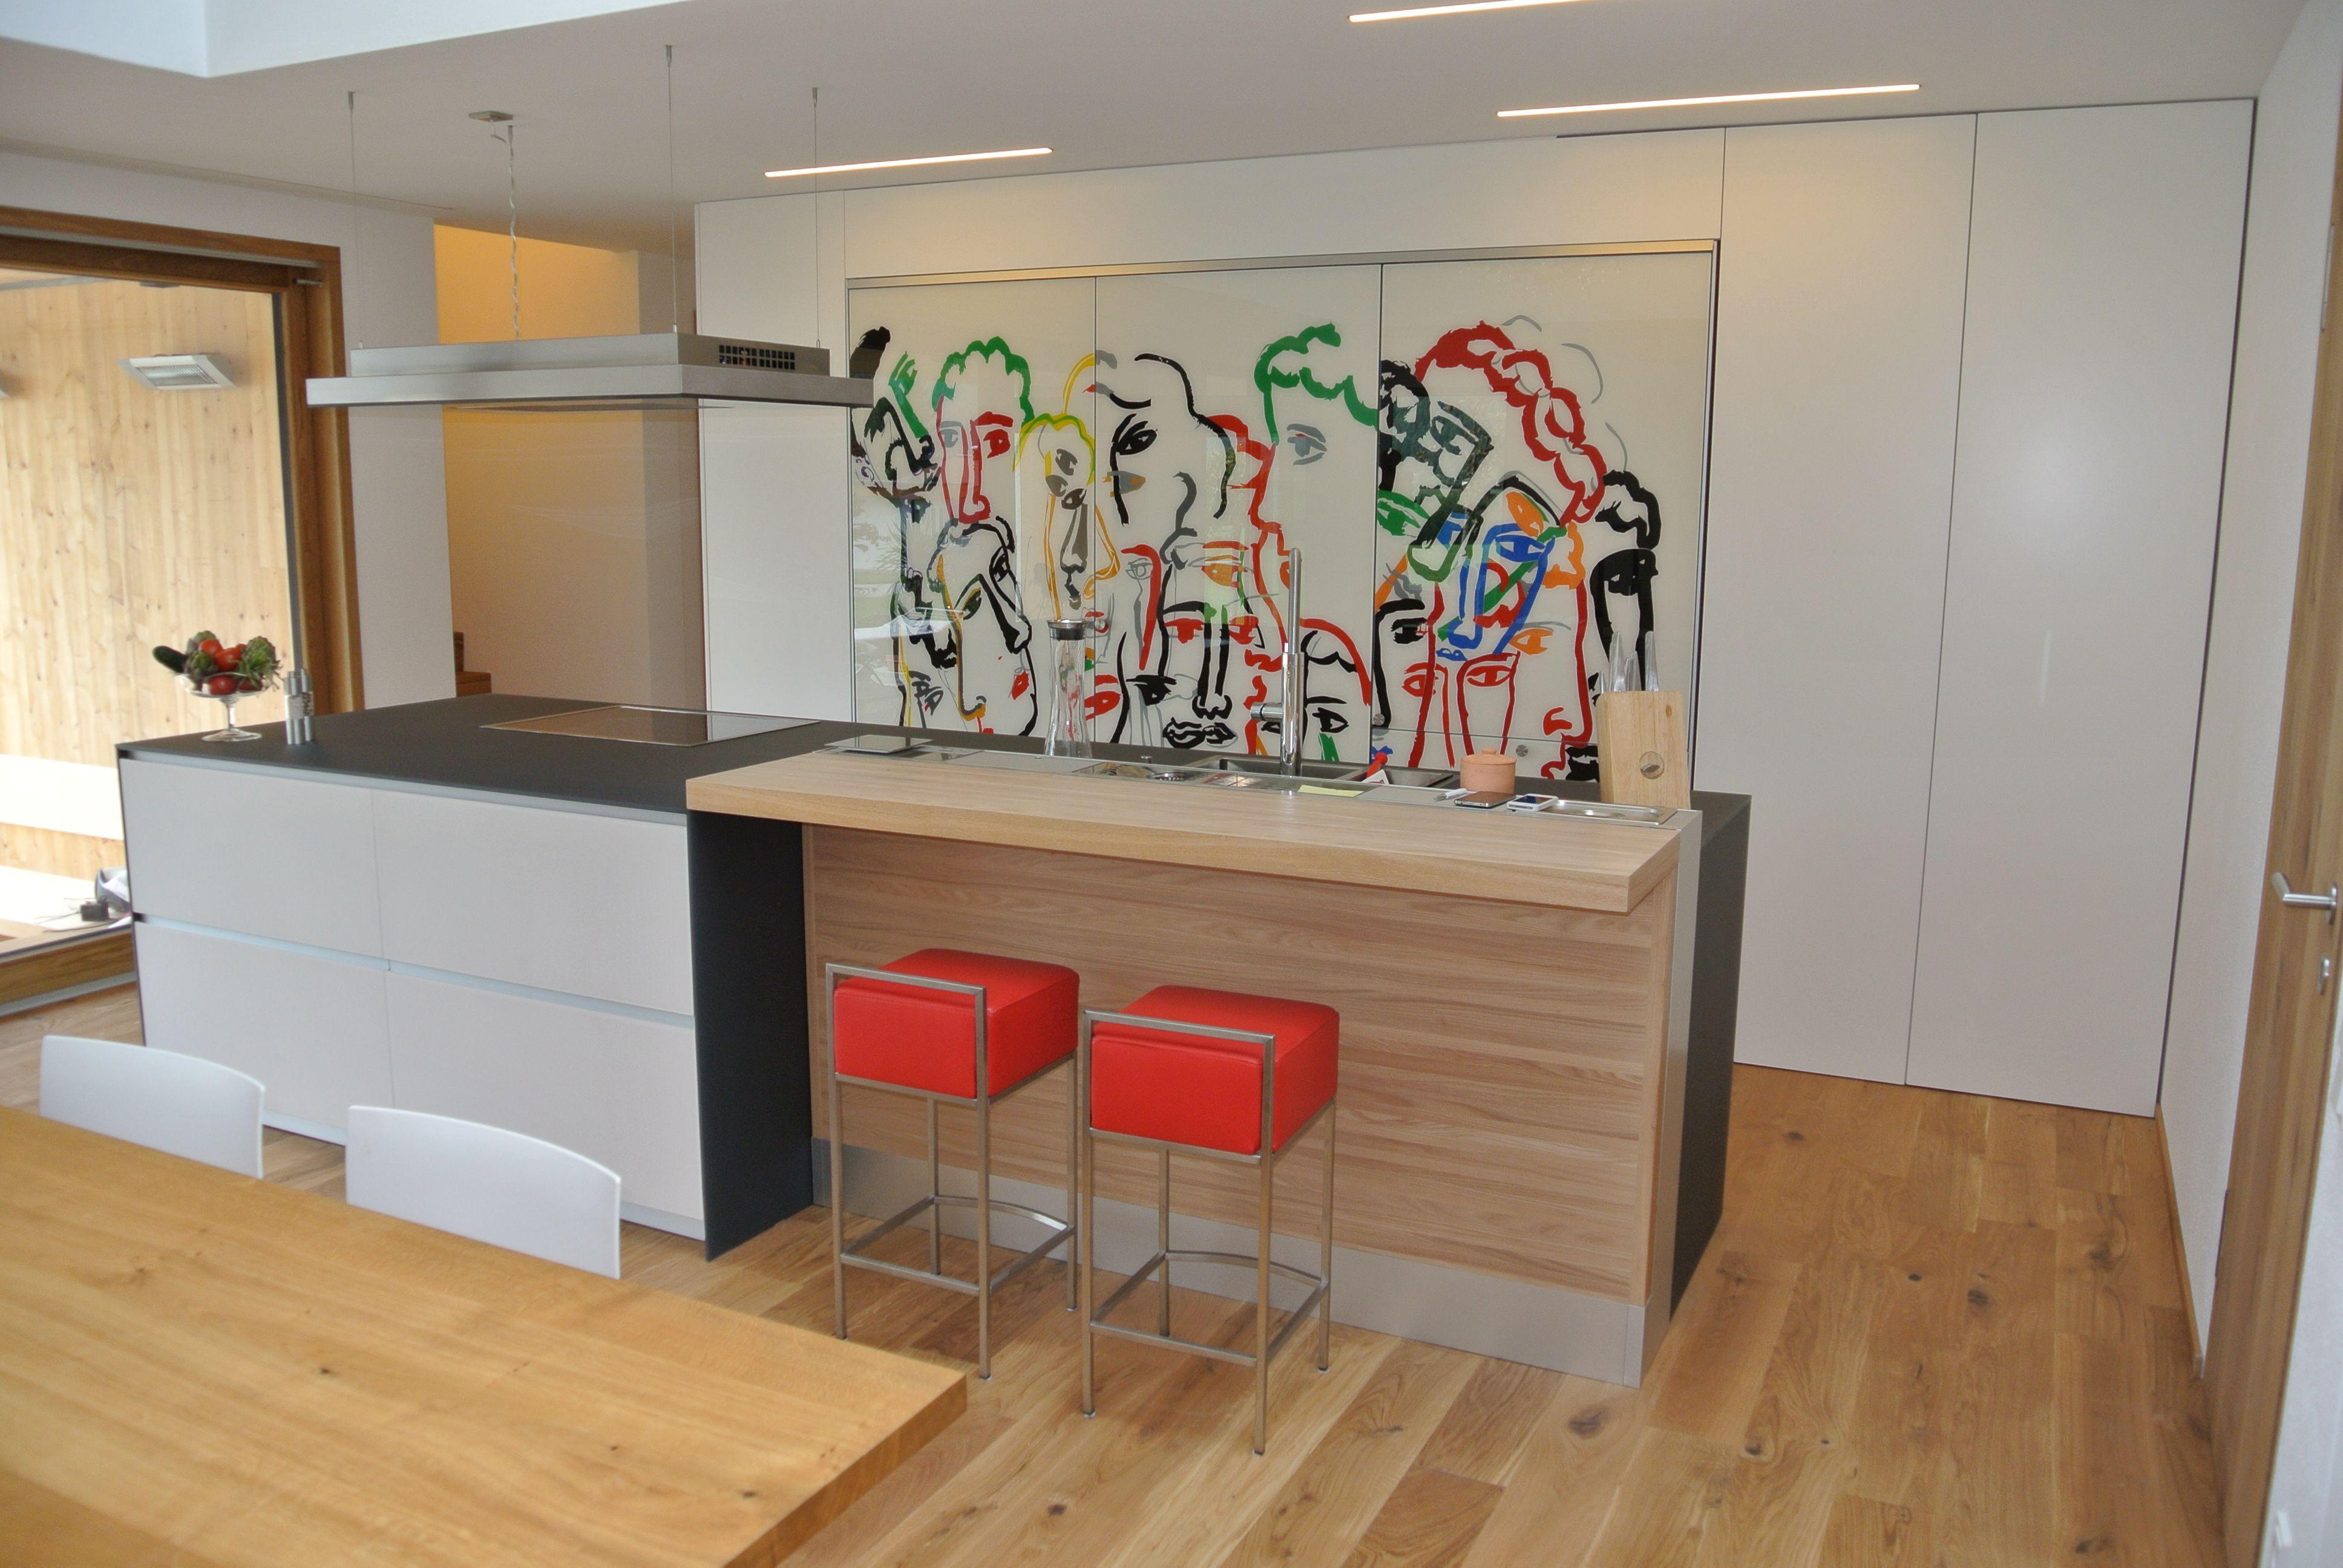 schwab k chen salzburg wandverkleidung k chen ideen und. Black Bedroom Furniture Sets. Home Design Ideas